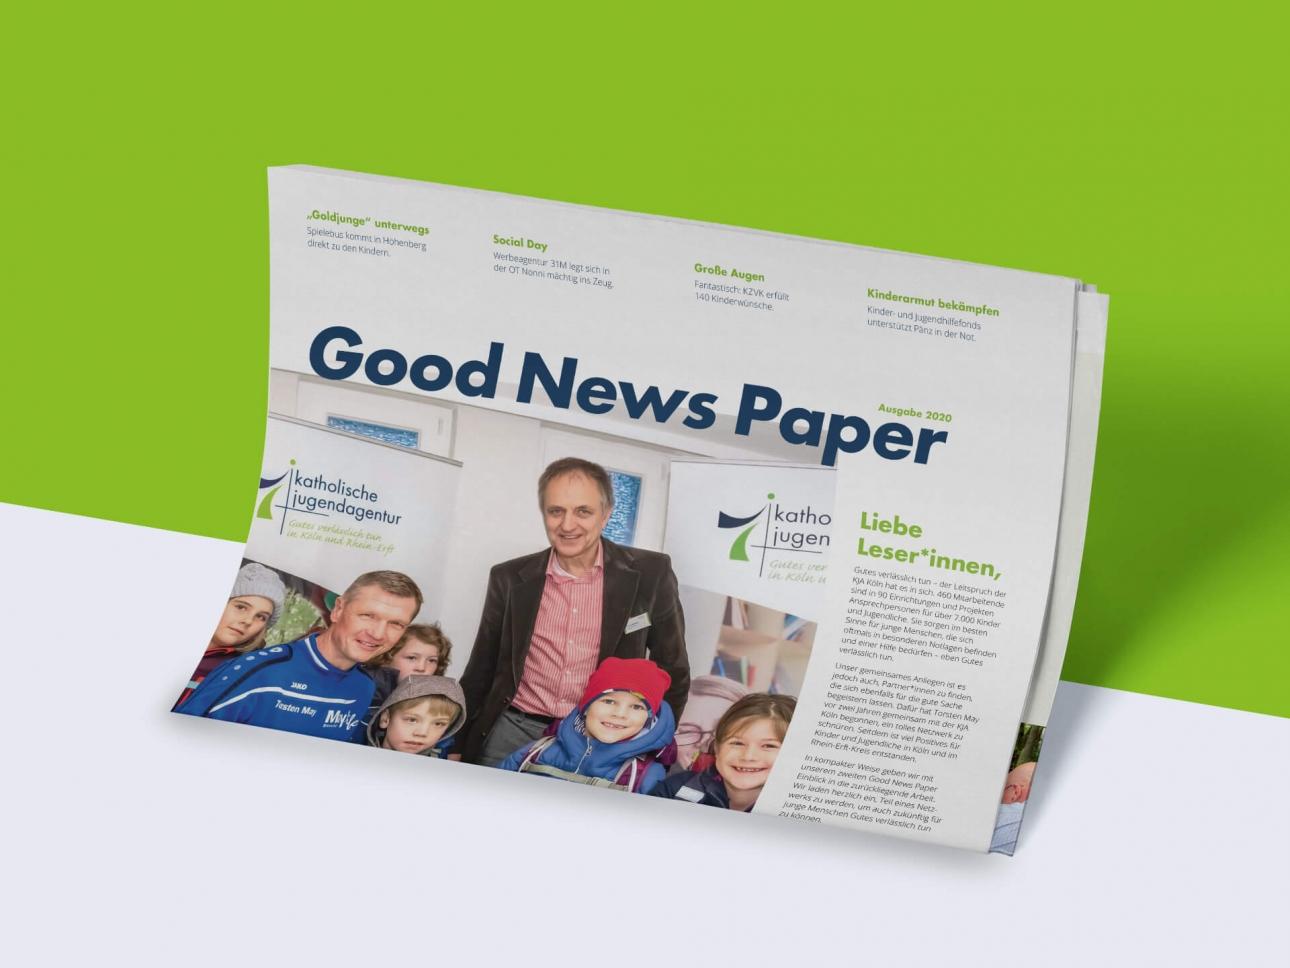 Titelseite der GOOD NEWS PAPER Zeitung, Corporate Publishing, Non-Profit